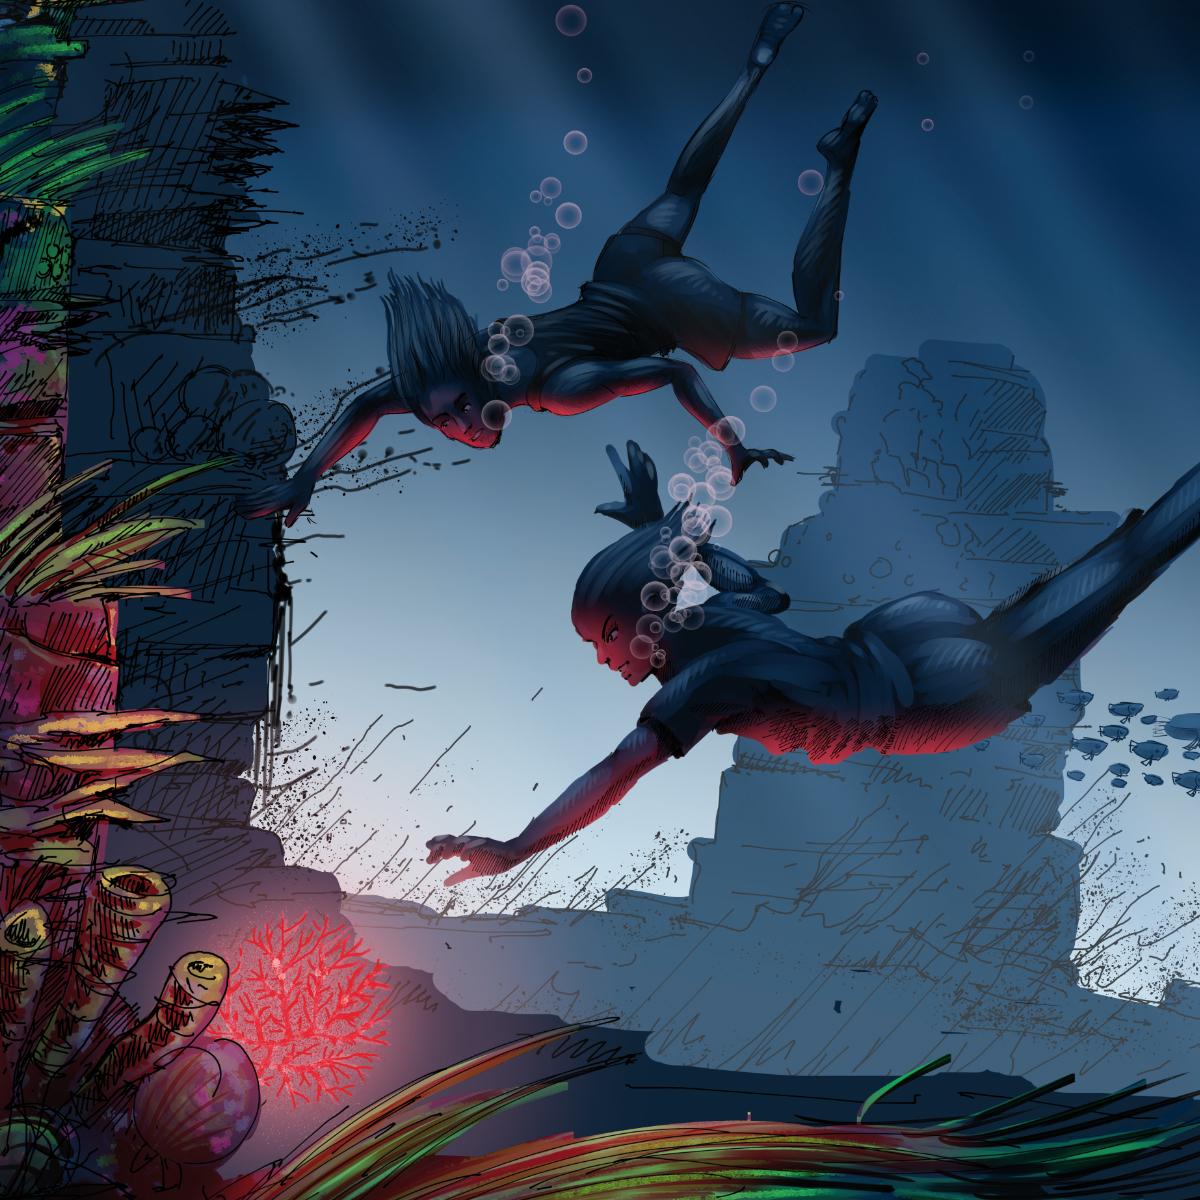 14-Klett-Belegexemplar-cover-underwater-diving-fishes.jpg